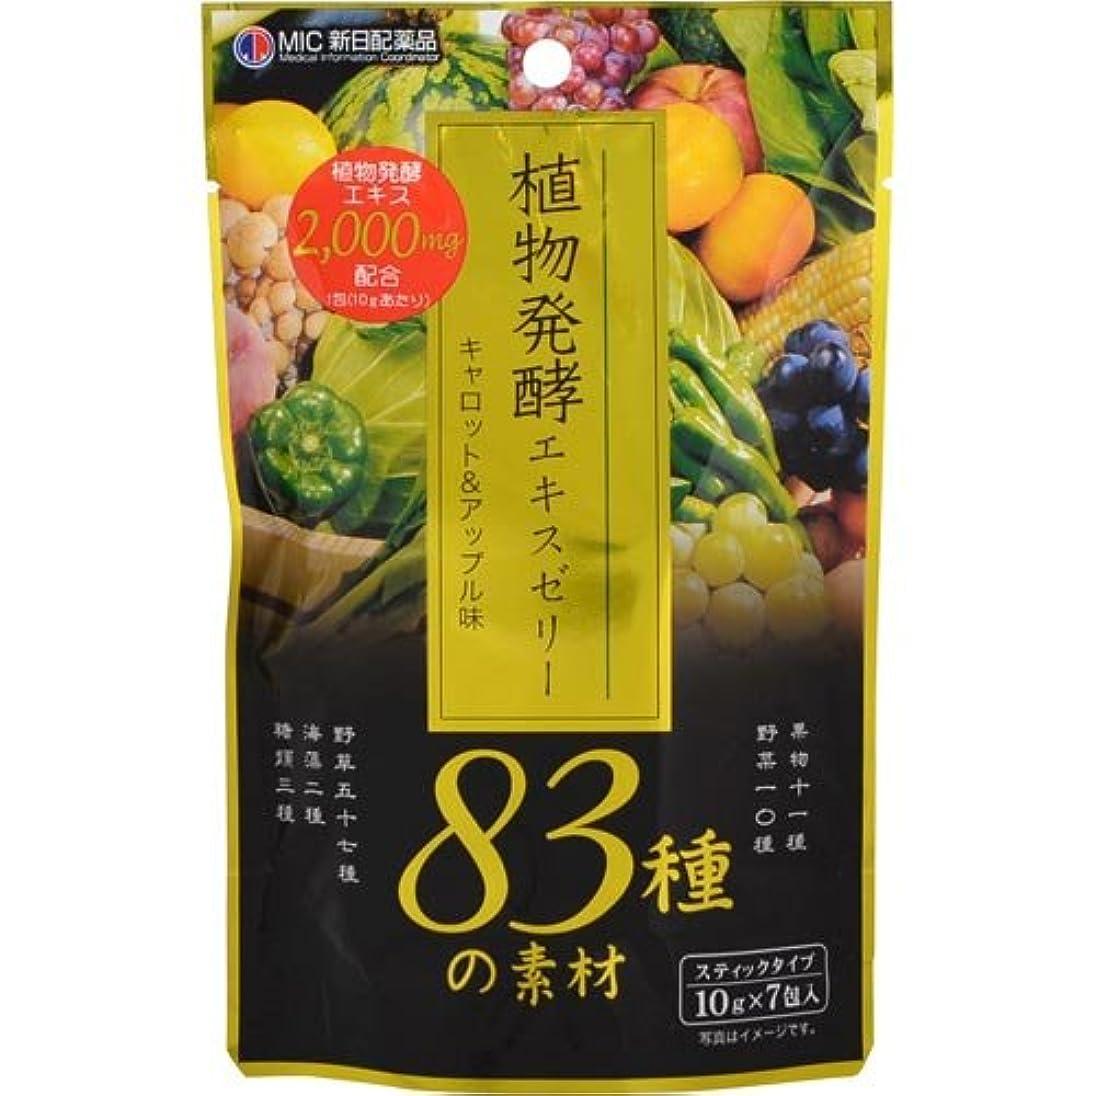 におい振る舞う知的植物醗酵エキスゼリー キャロット&アップル味 10g×7包